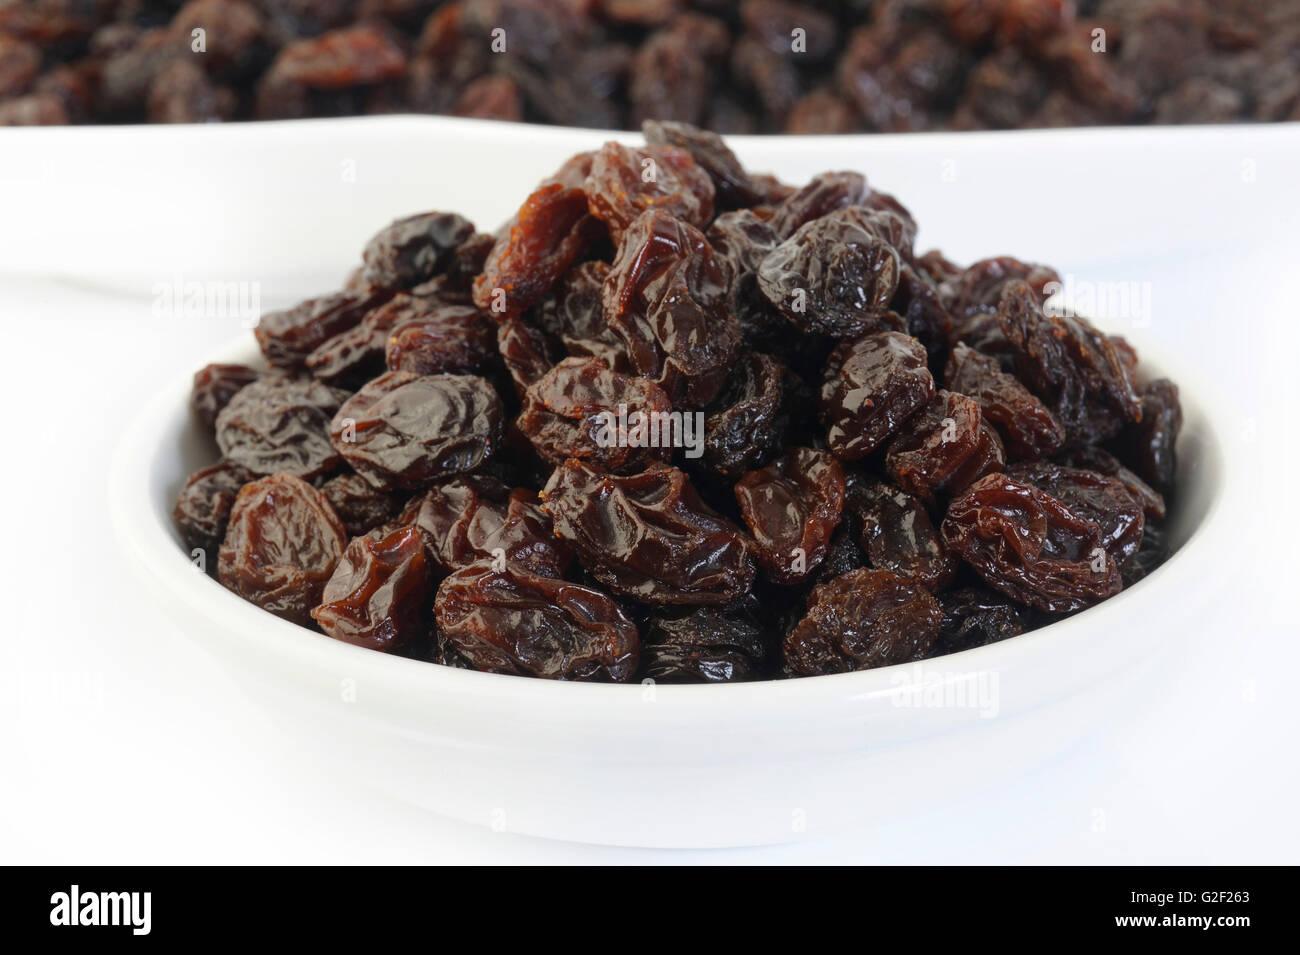 Bowl of raisin on white background - Stock Image